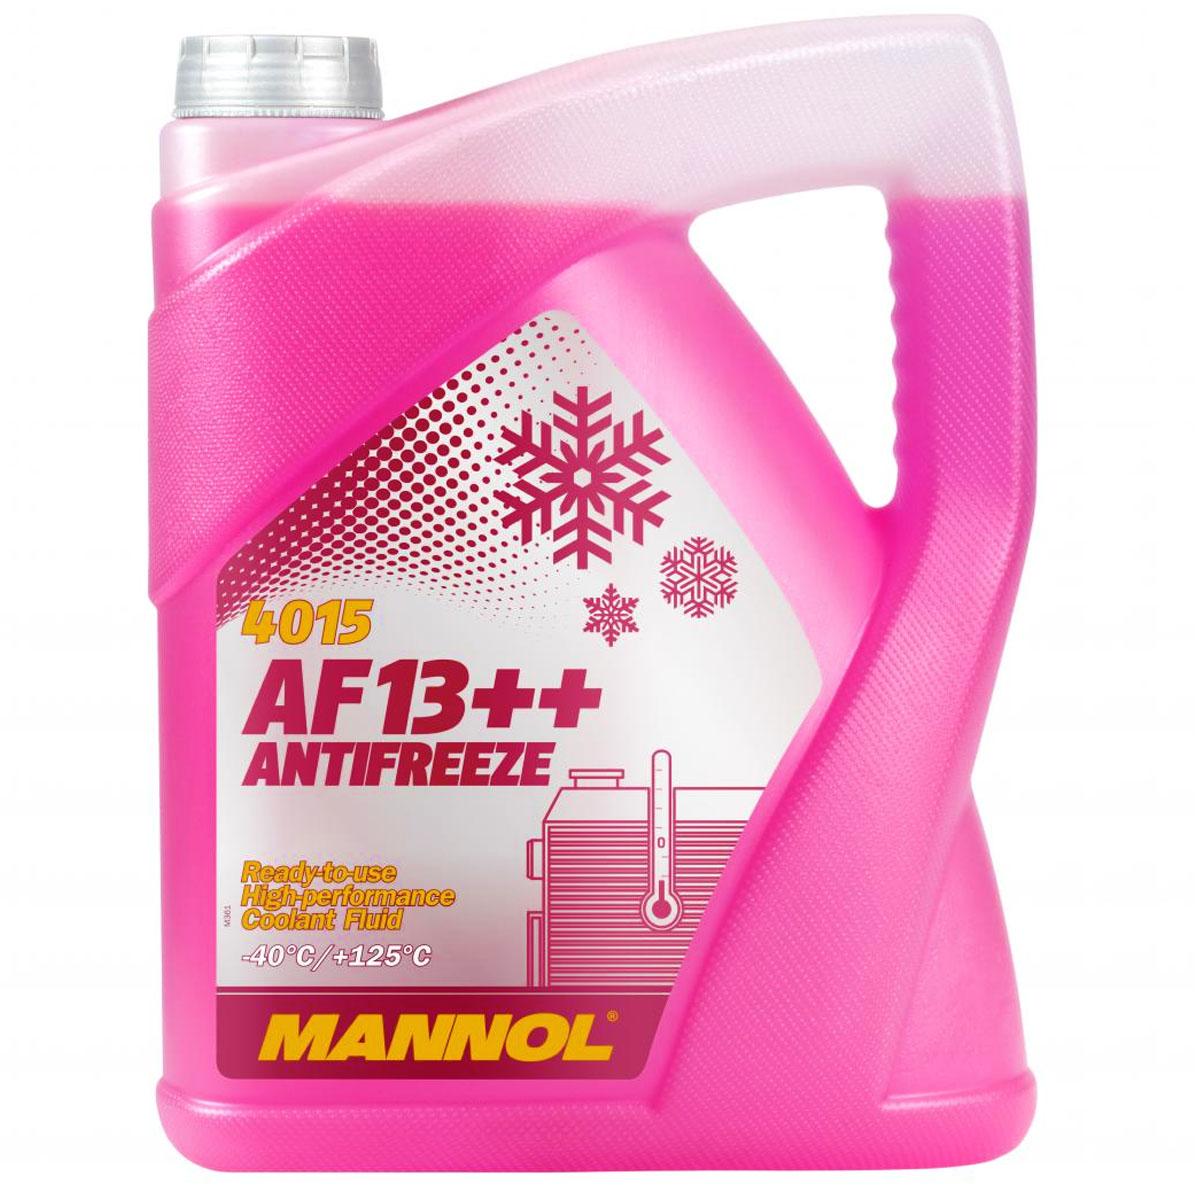 Kühlerfrostschutz G12+ 5 L Mannol Antifreeze AF13++ -40°C Kühlmittel VW Audi